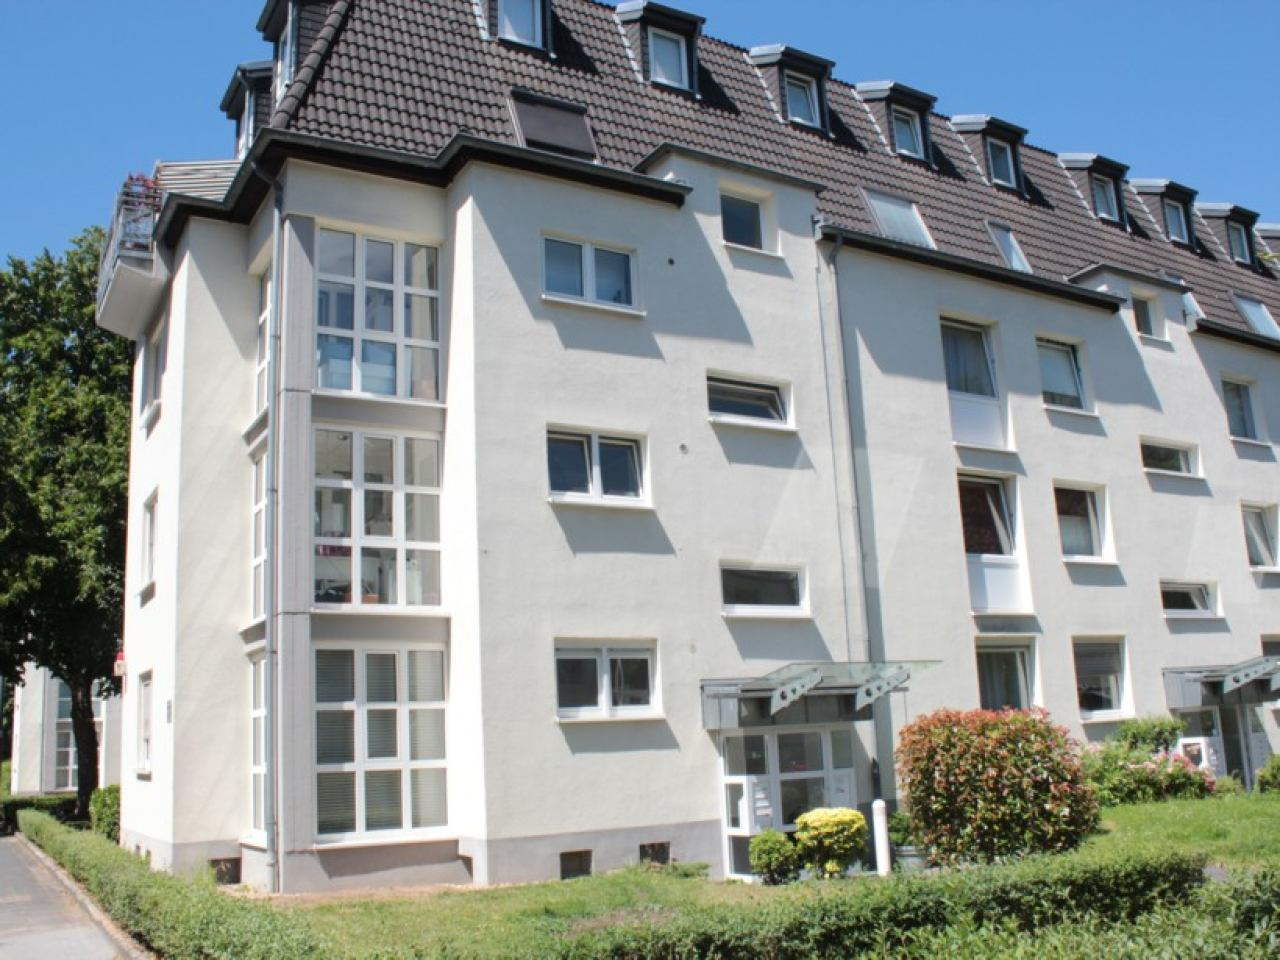 Wohnung Zur Miete In Köln   Junkersdorf   Hübsche 2 Zimmerwohnung Mit  Loggia. Guter Grundriss!   Baardse Immobilien GmbH